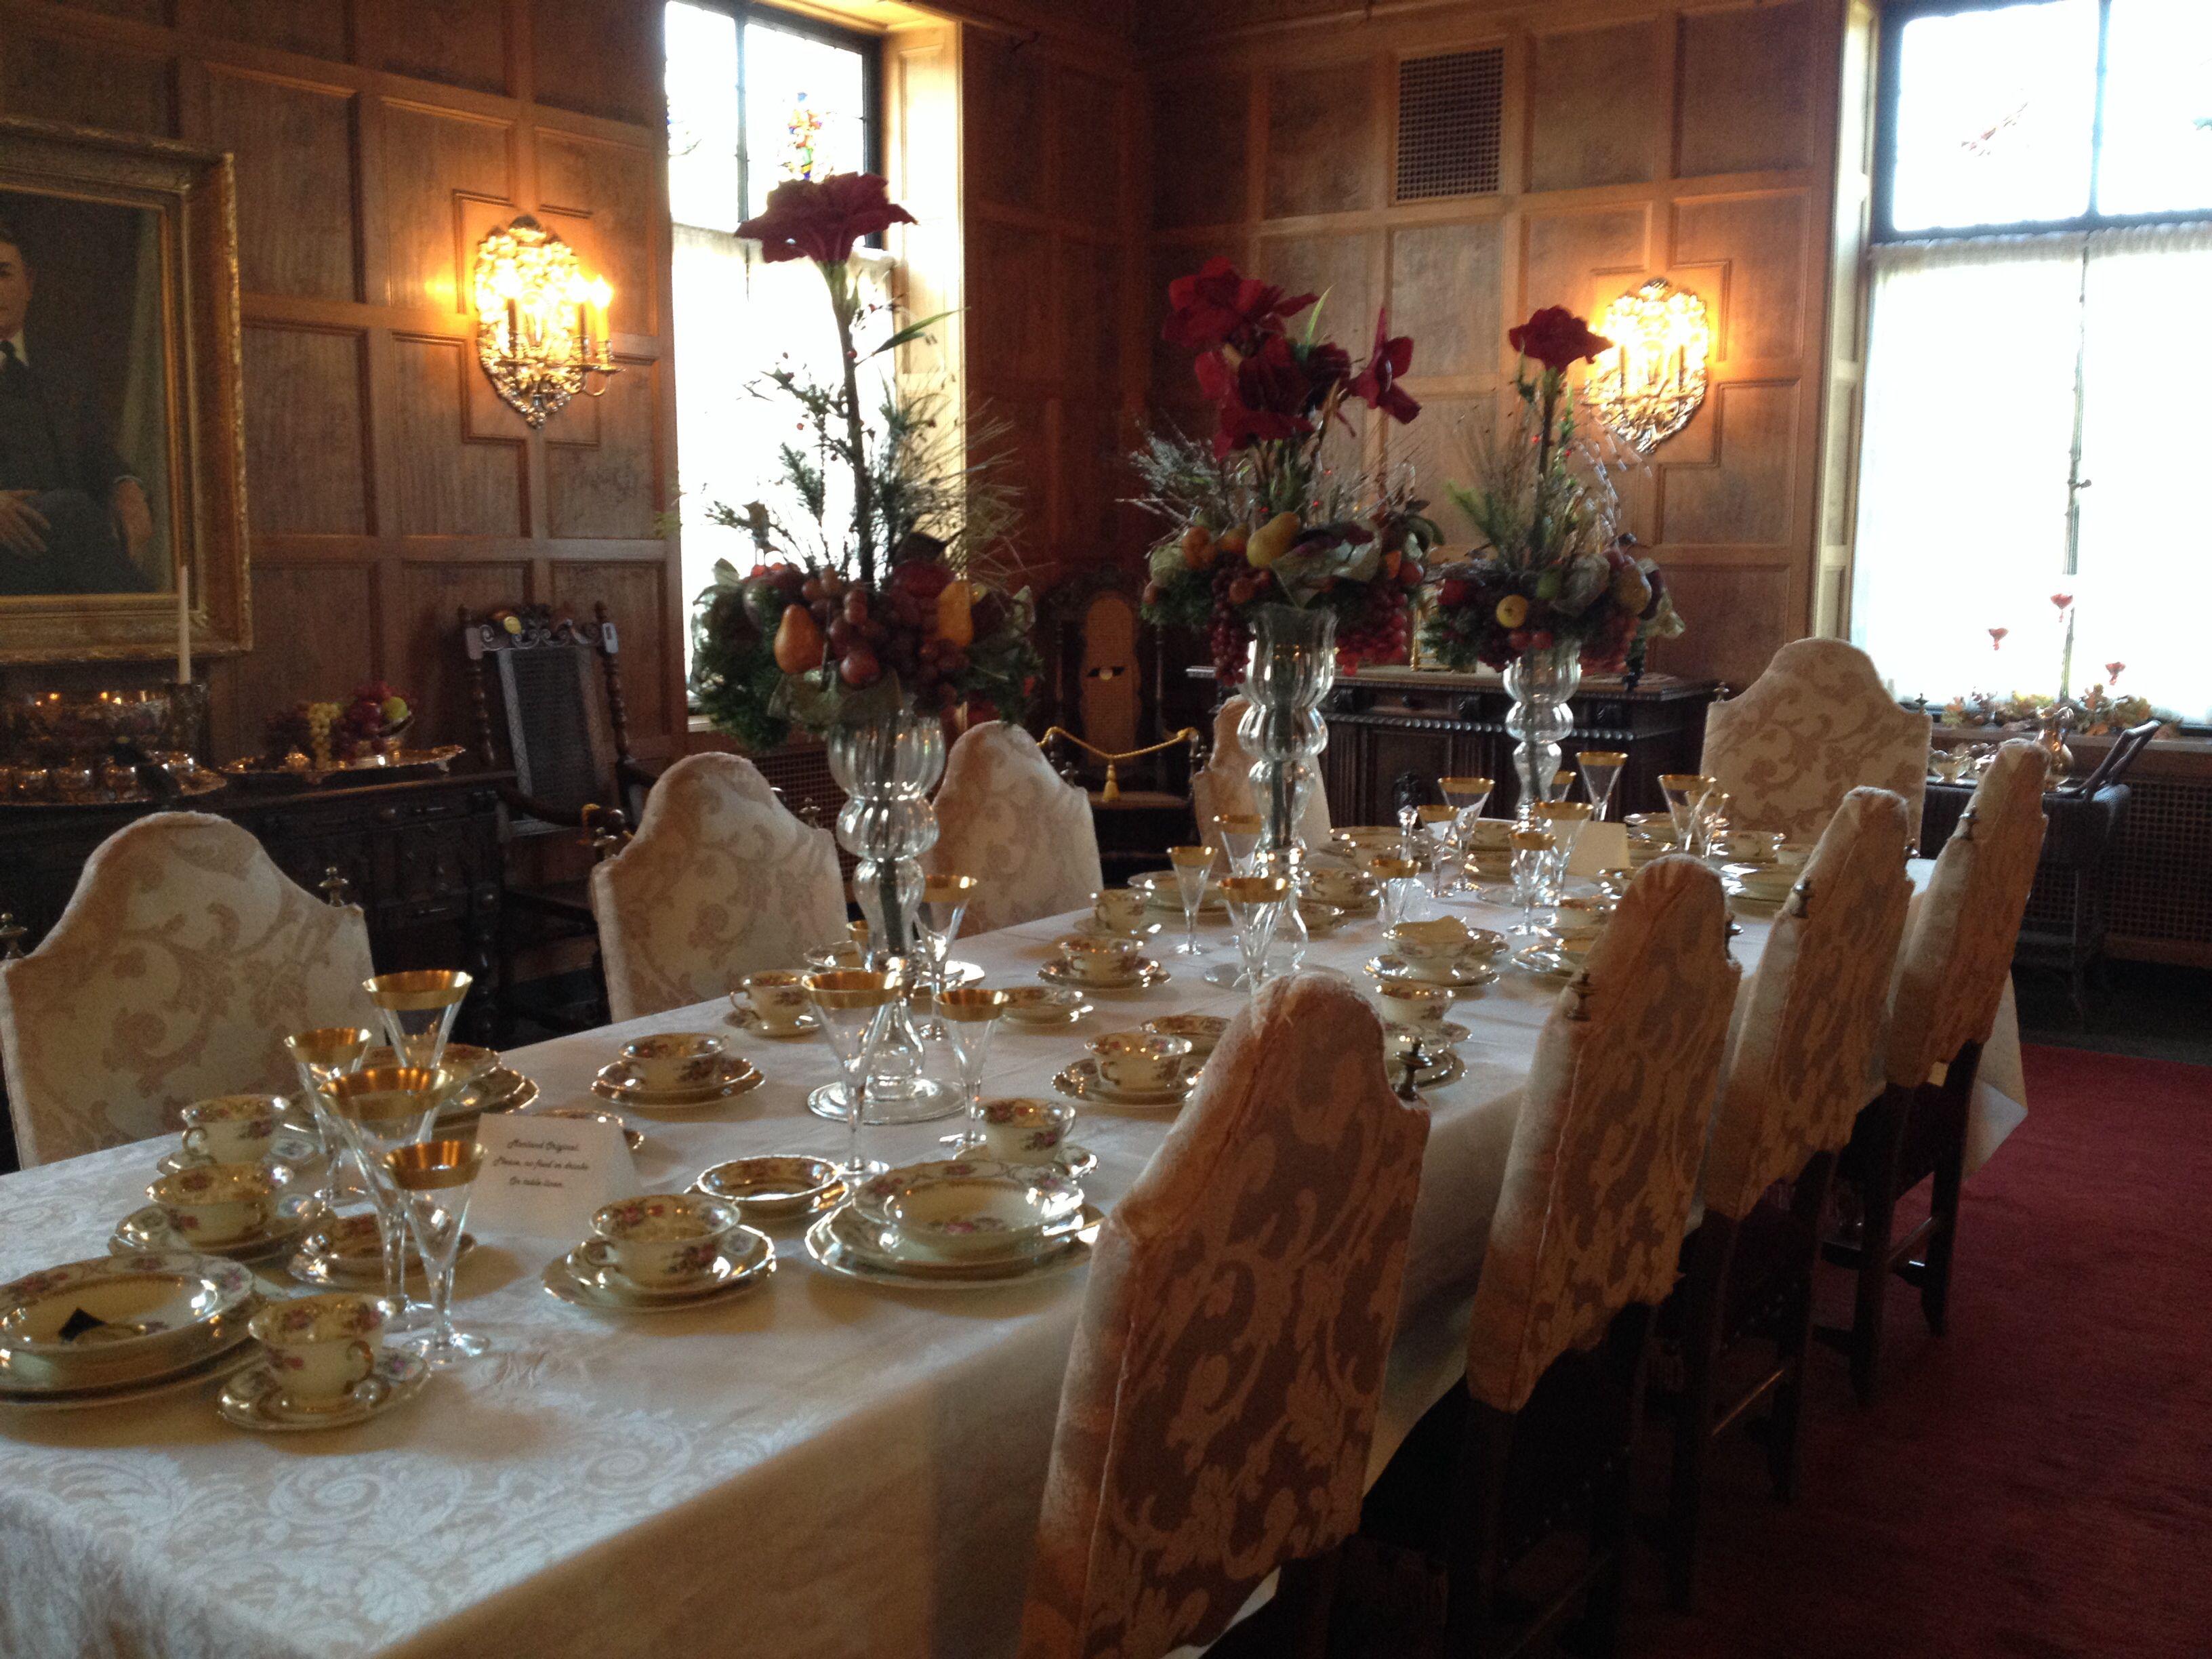 Marland Mansion main dining room